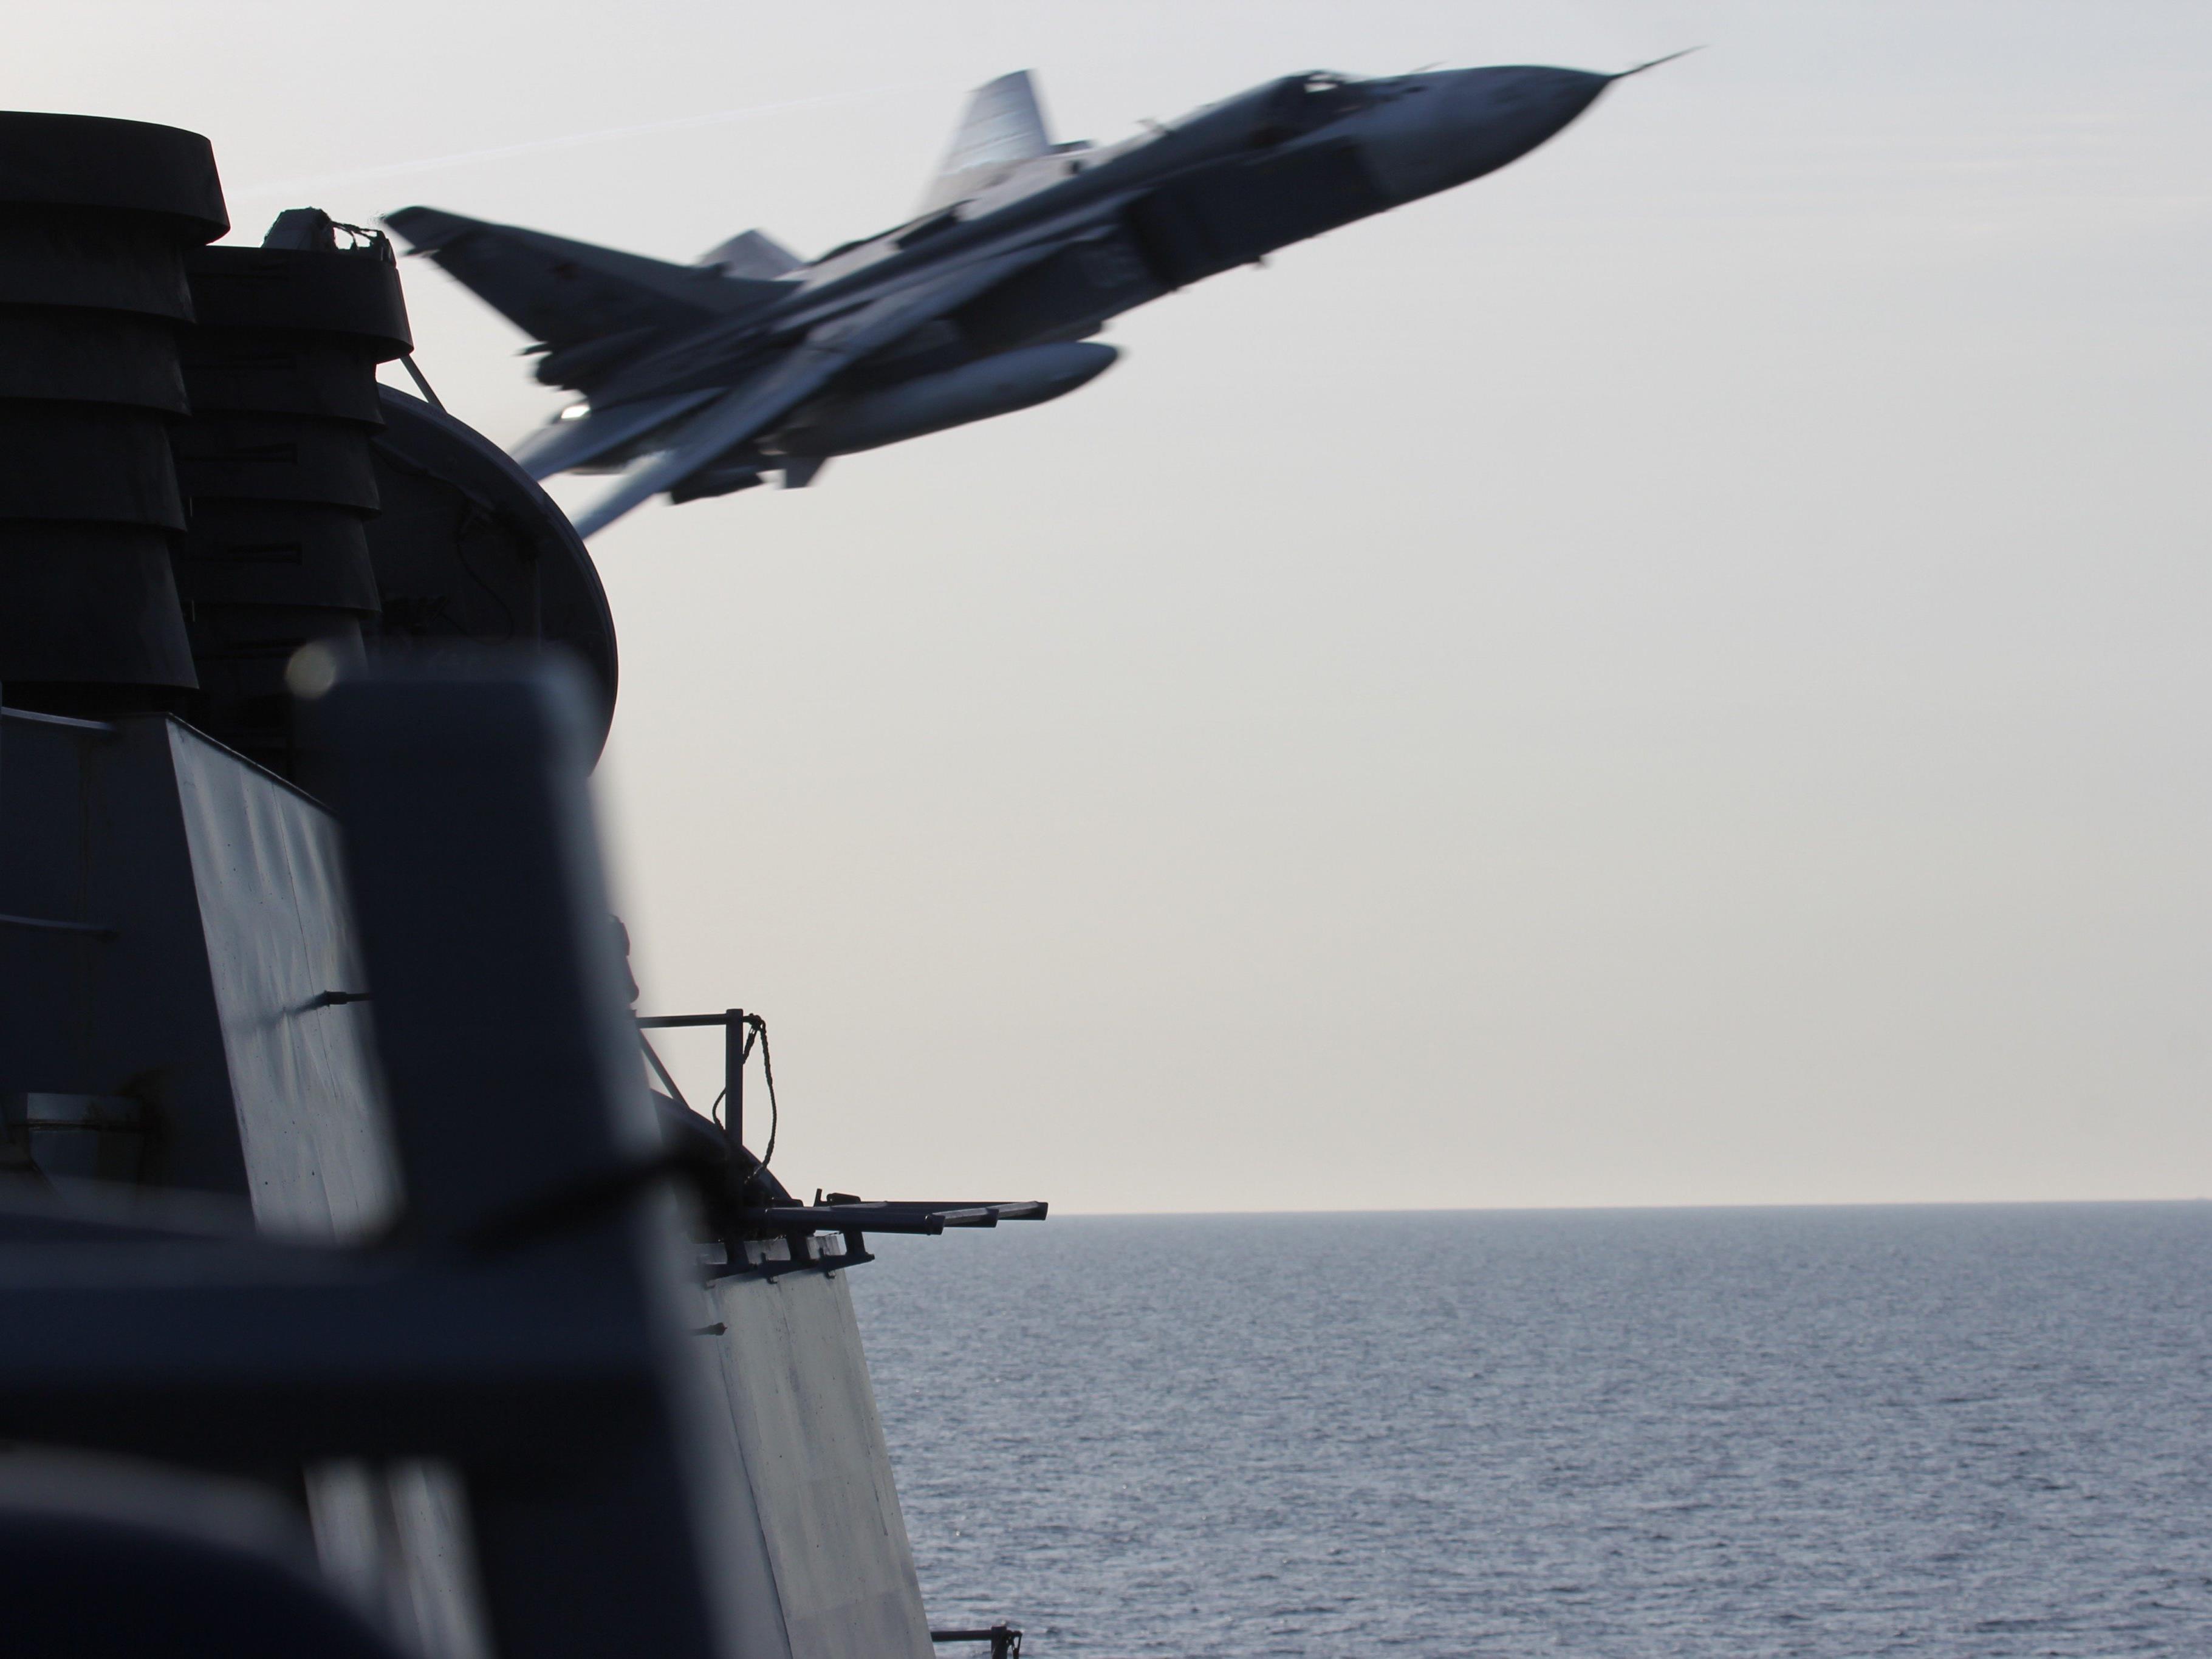 """Außenminister kritisiert Überflug von Zerstörer in Ostsee als """"provozierend"""" und """"gefährlich""""."""